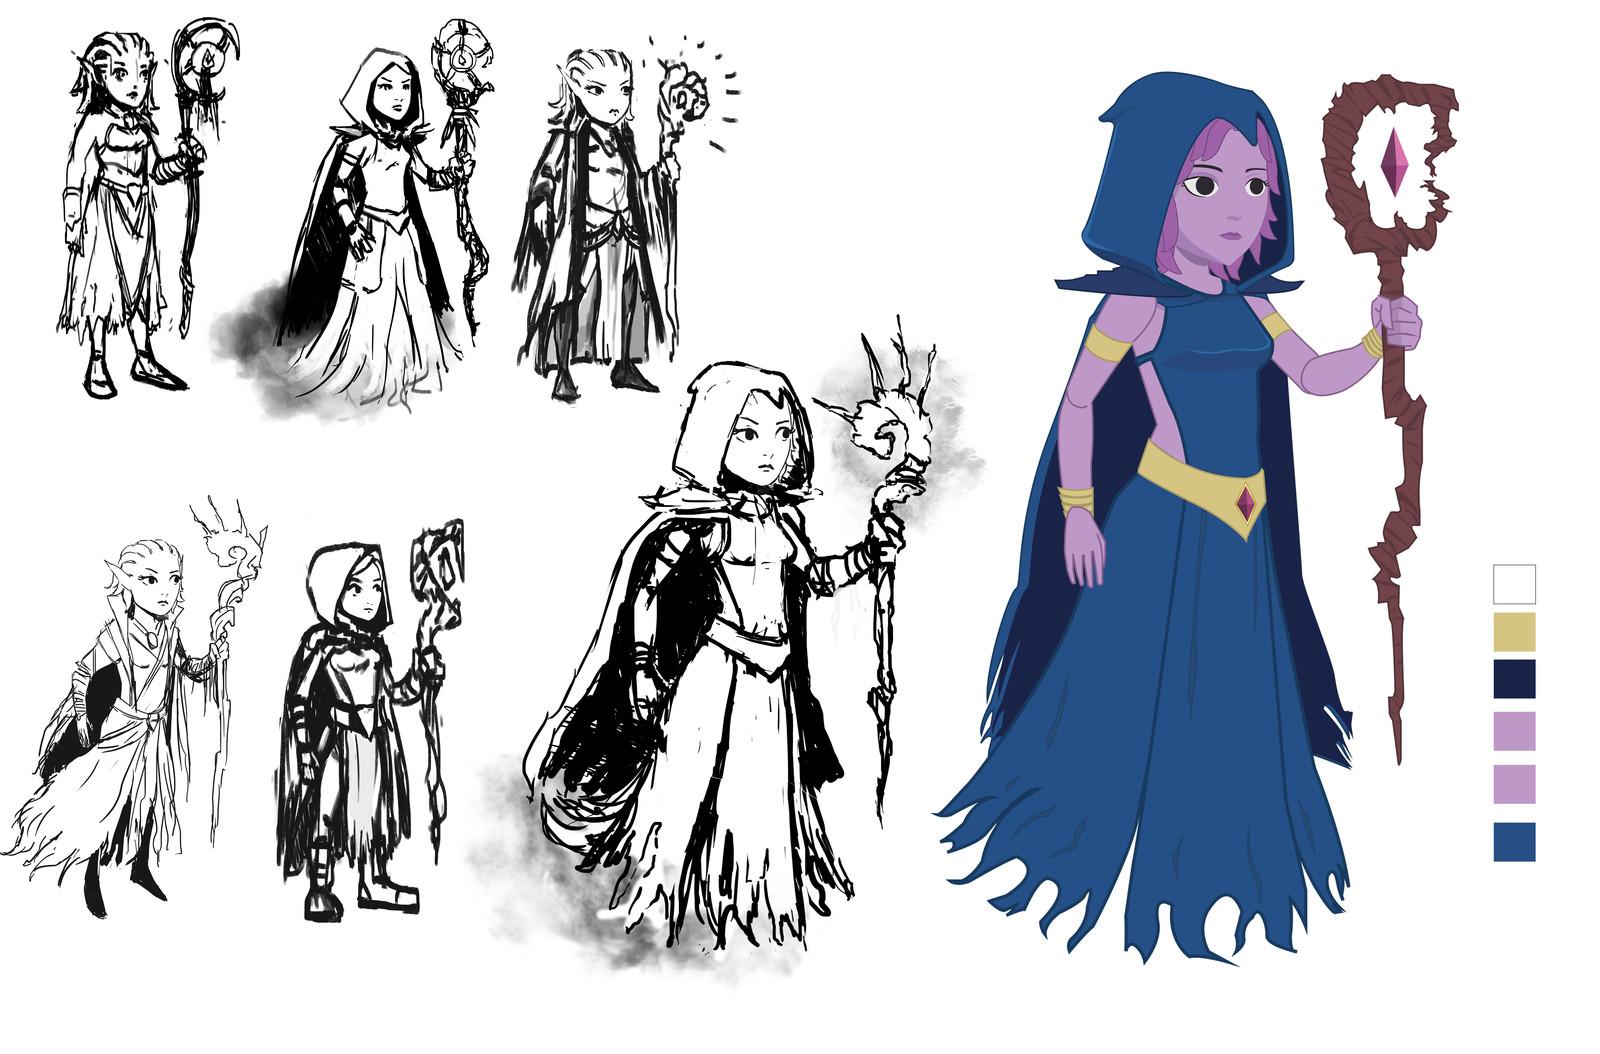 Asile - A Bruxa Alienígena